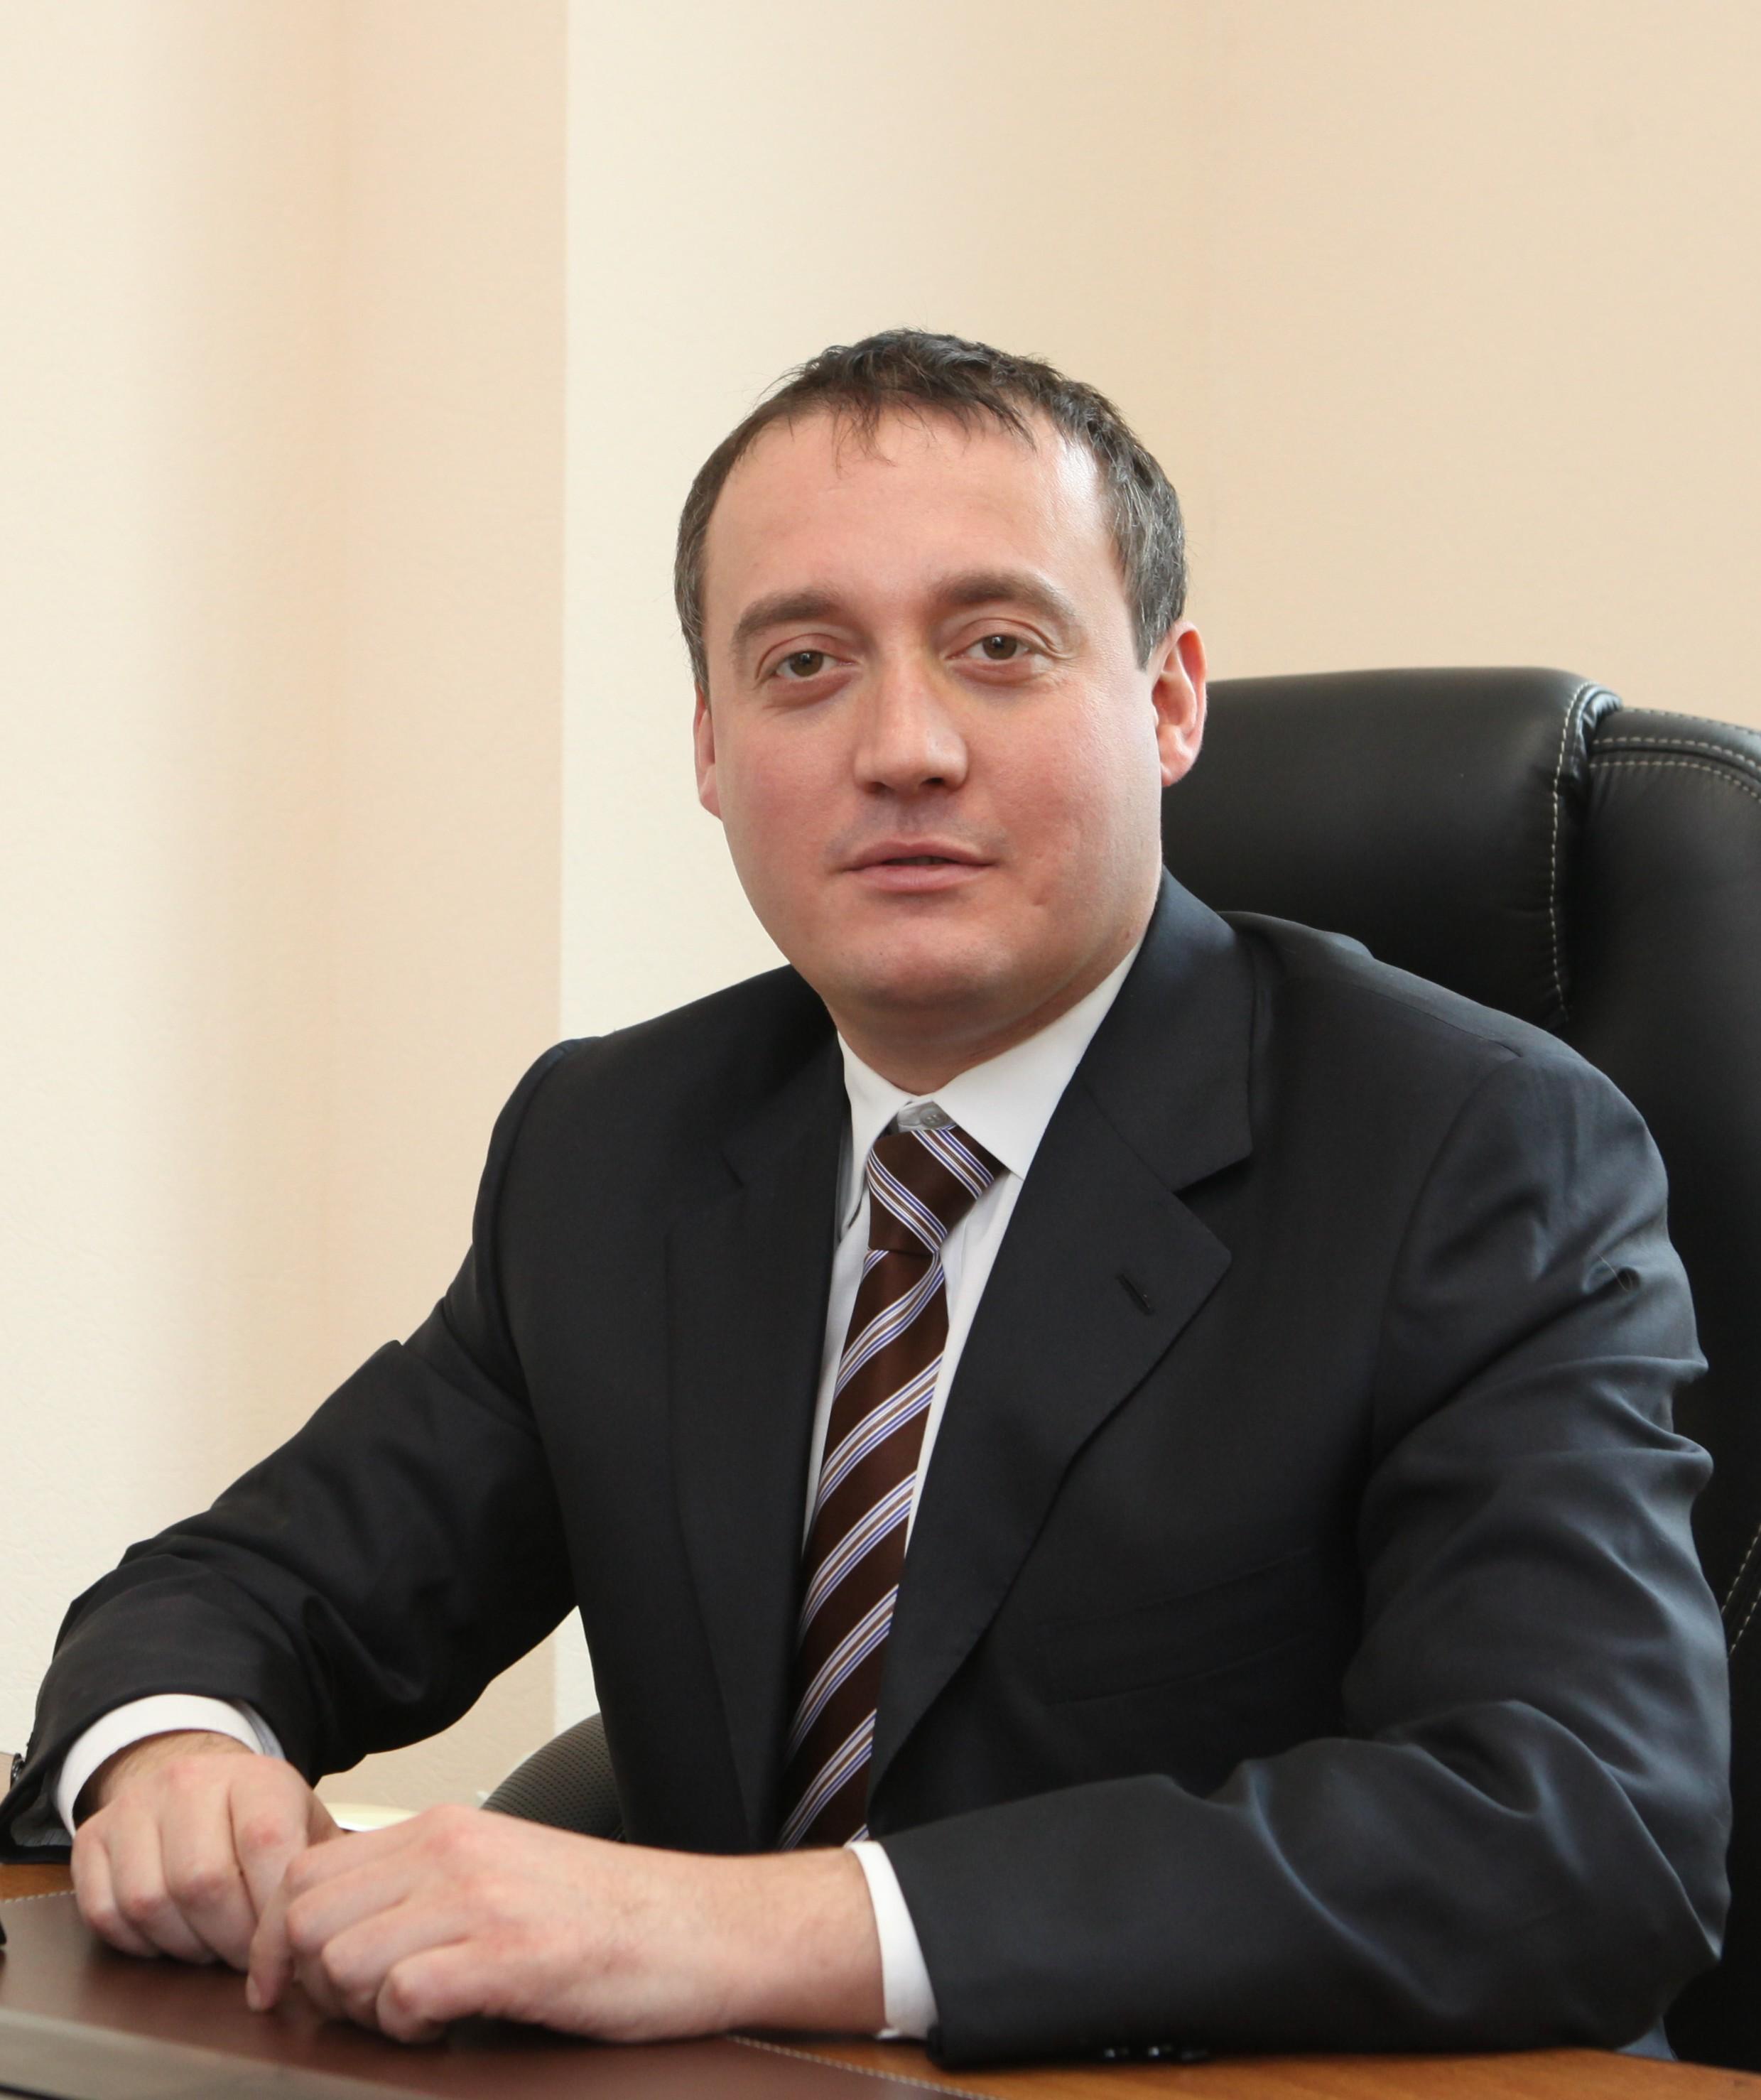 Компания, контролируемая семьёй Вайнштейнов, уже выиграла торги на 1,6 миллиарда рублей